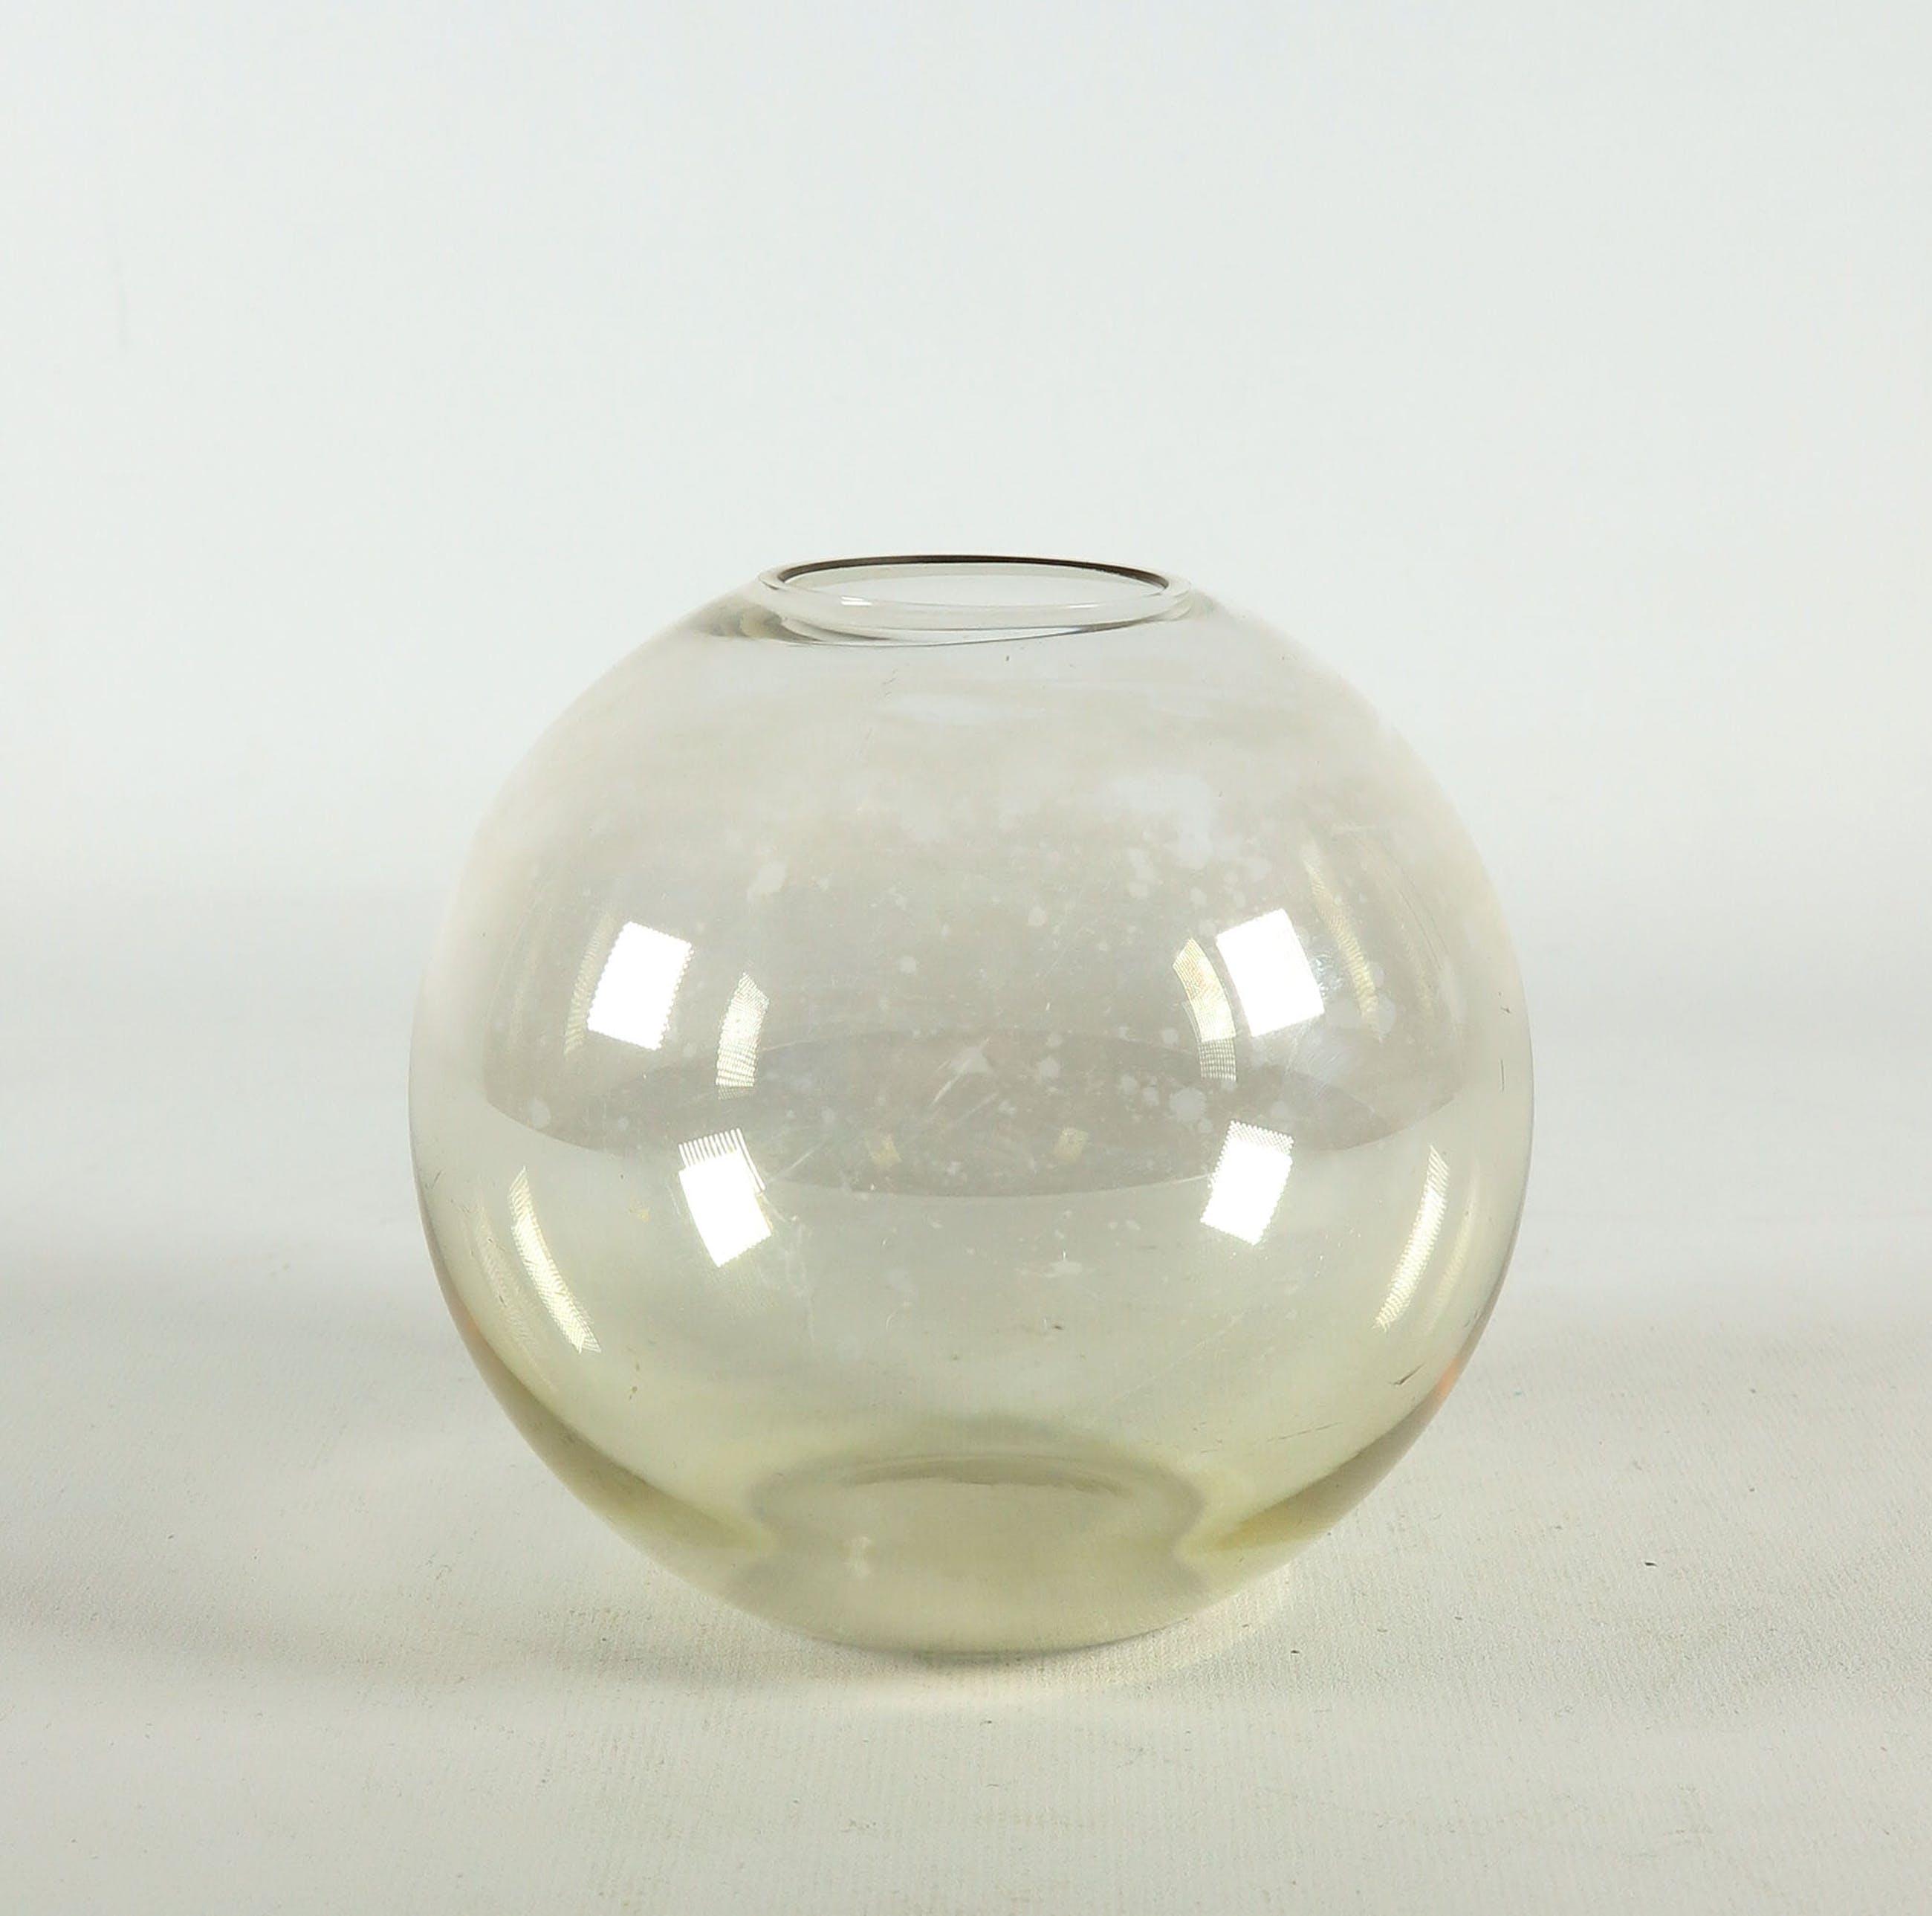 Andries Dirk Copier - Glas, Bolvaas met lusterglazuur door Glasfabriek Leerdam kopen? Bied vanaf 20!